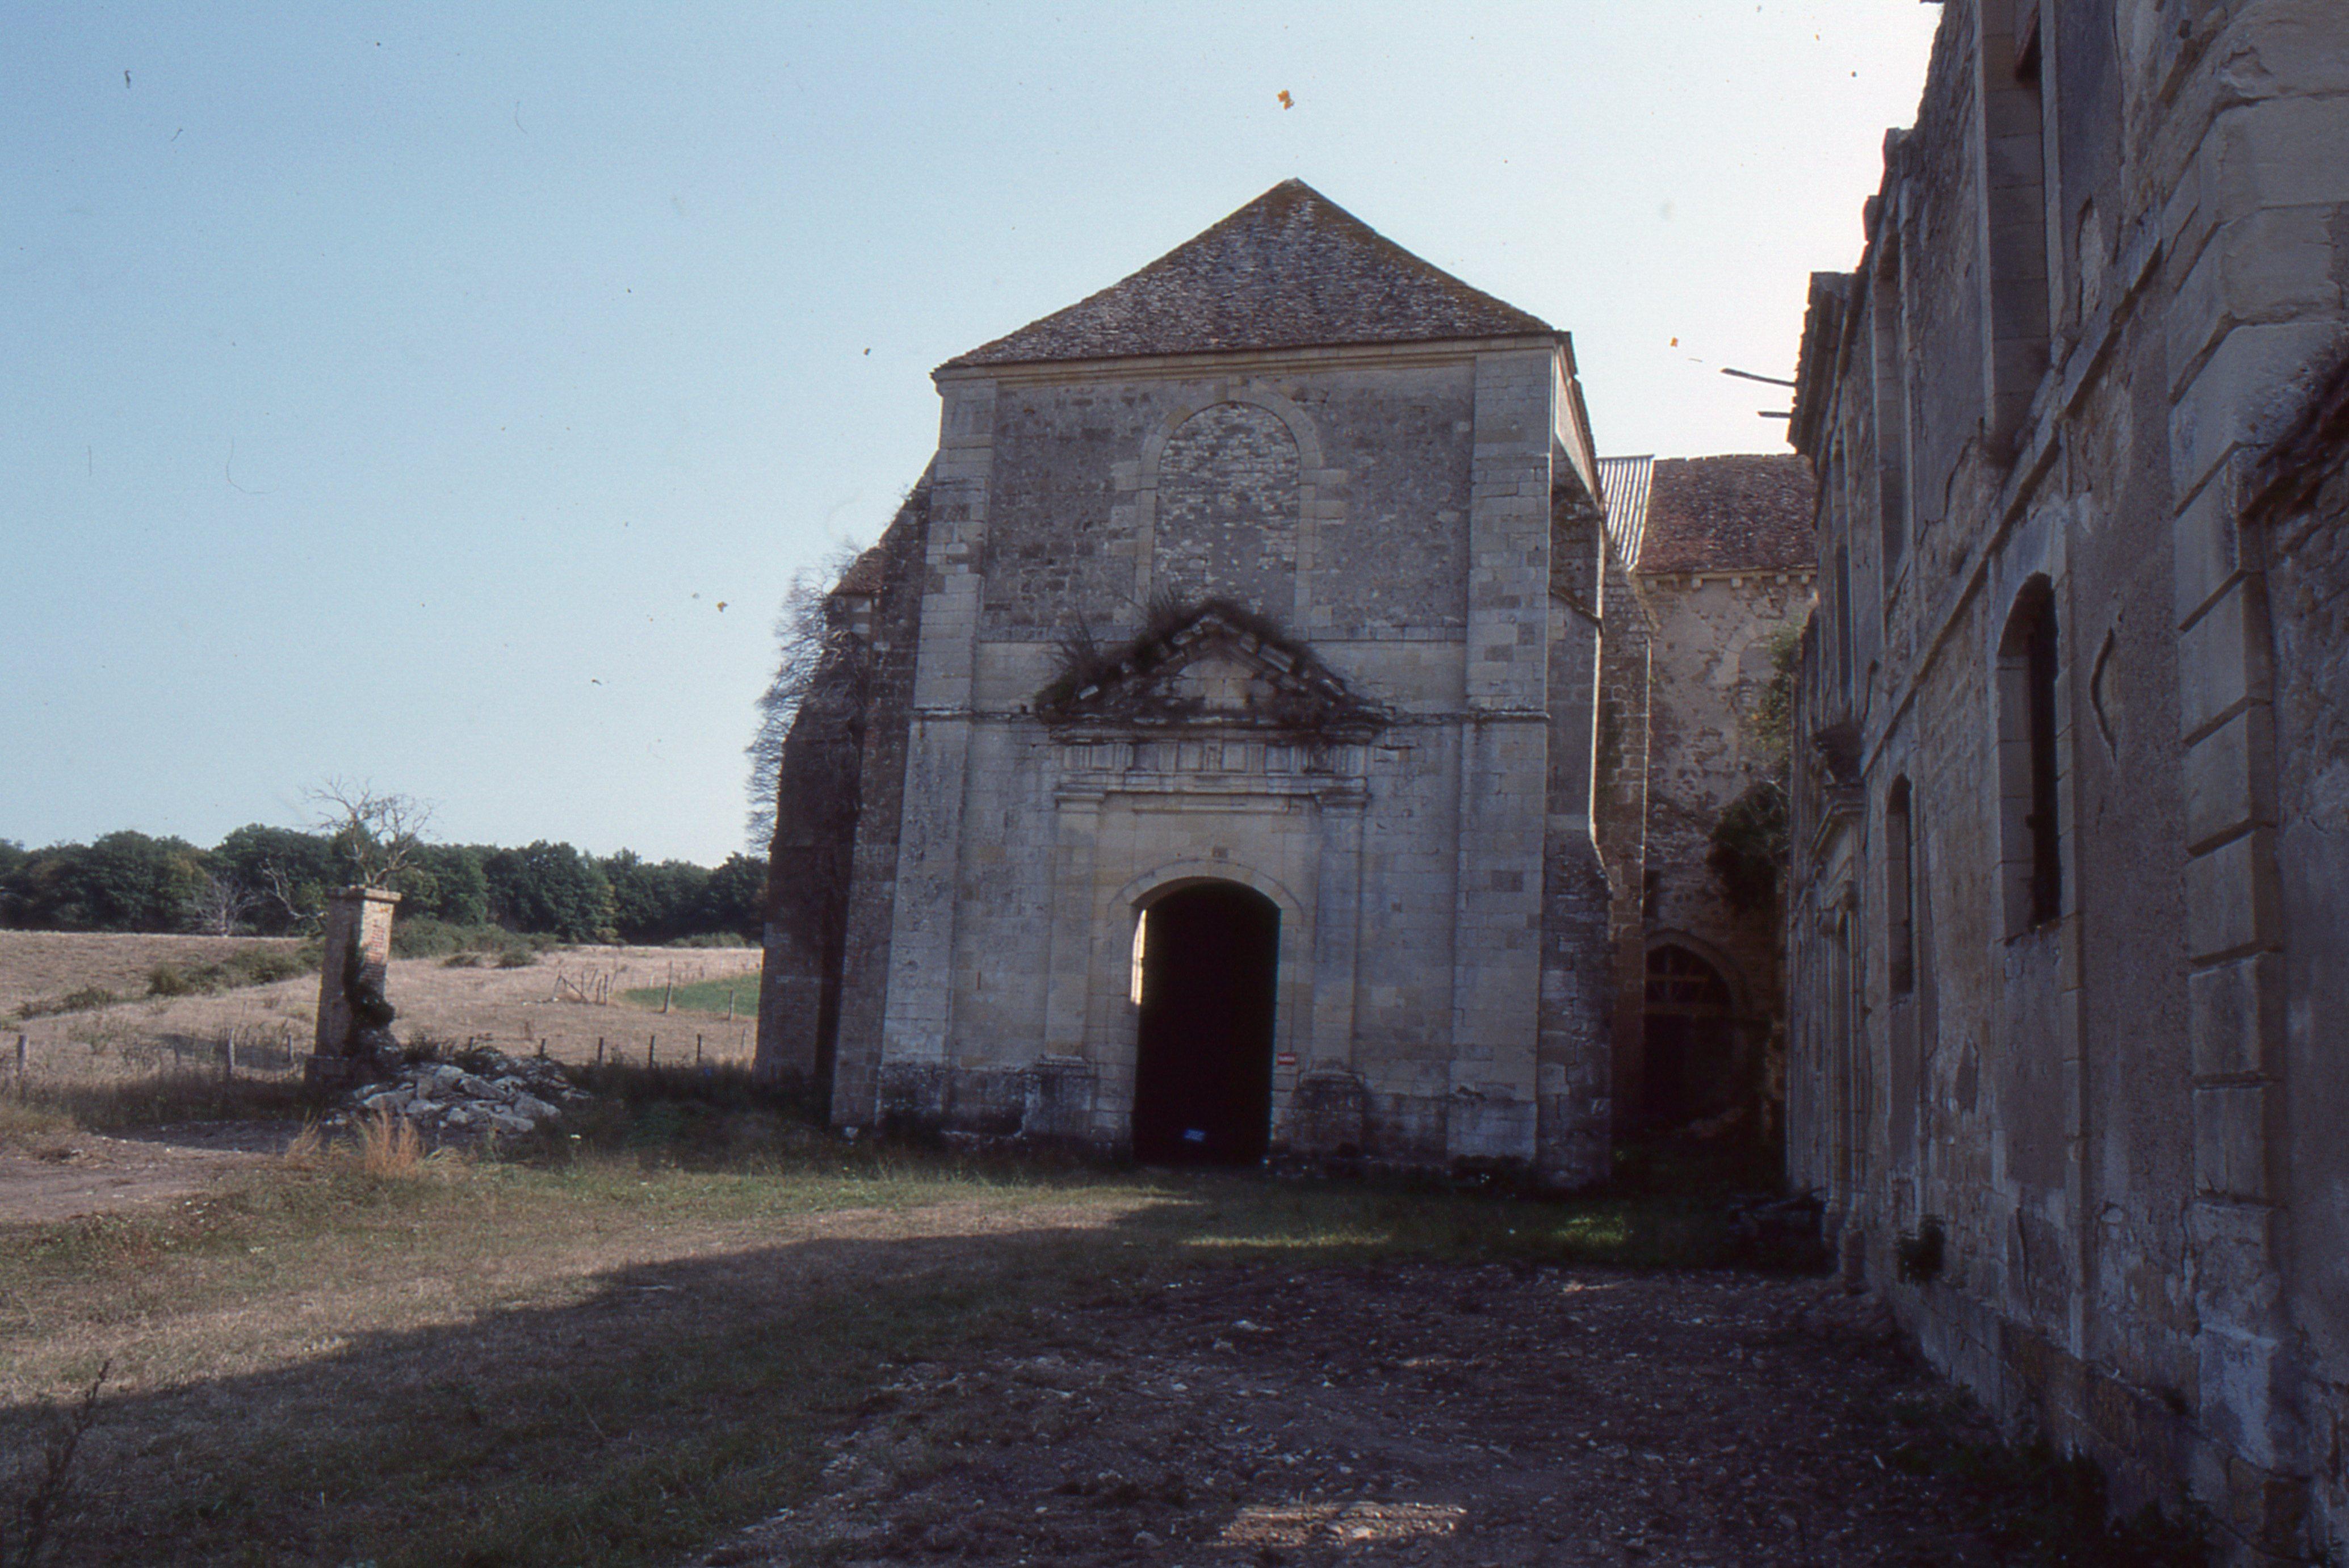 17/09/1989 - Parvis de l'église